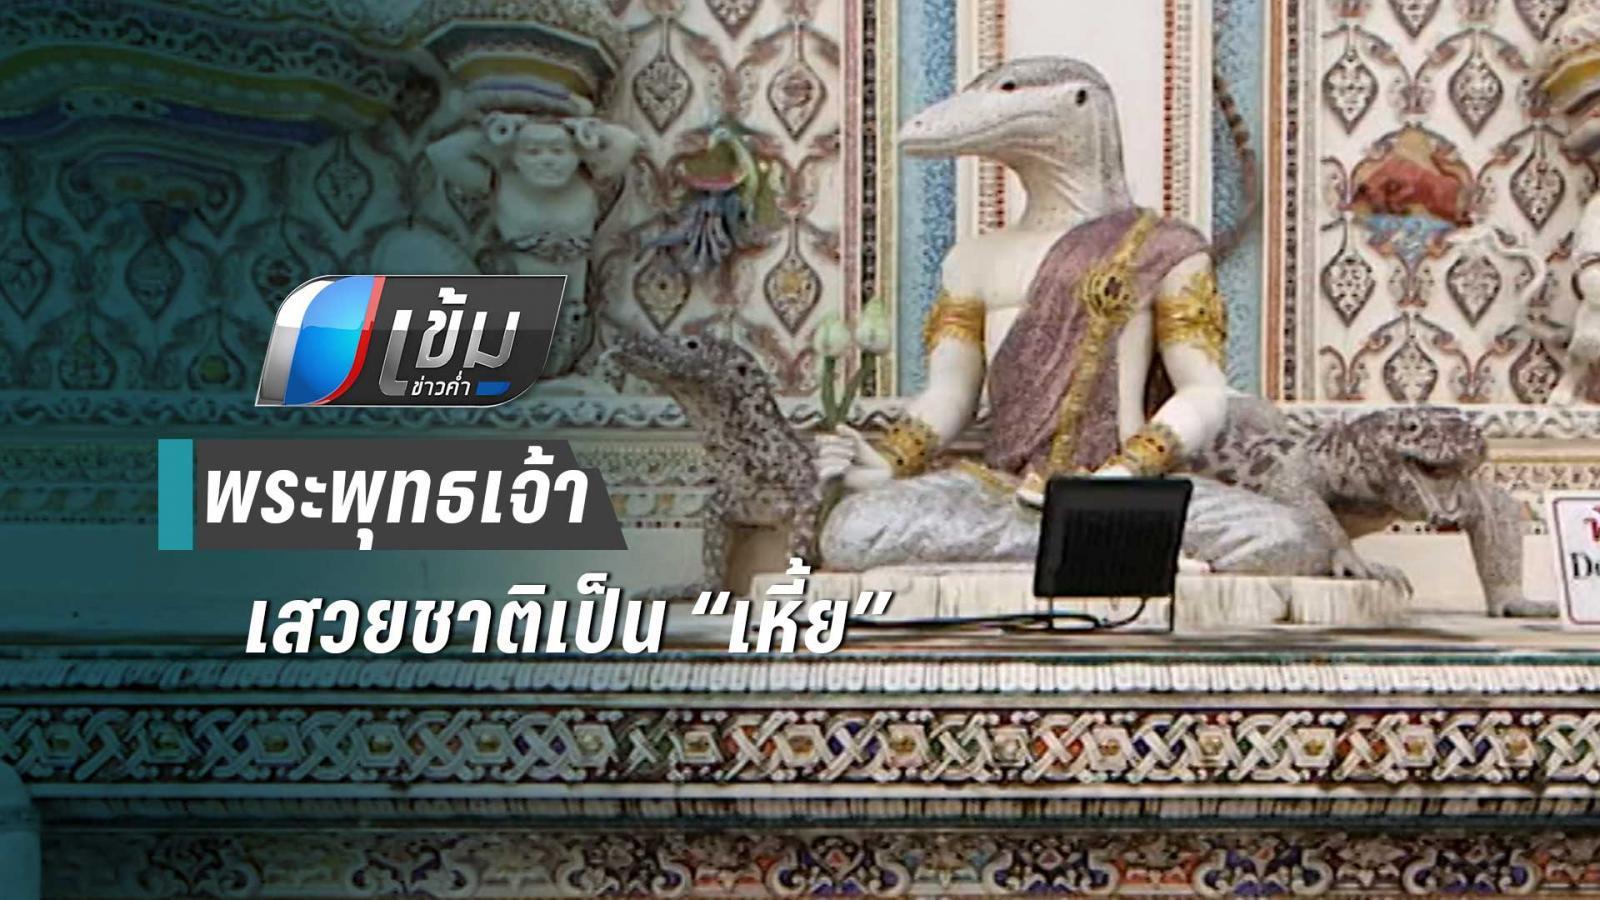 """รูปปั้นพระพุทธเจ้า เสวยชาติเป็น """"เหี้ย"""" ดึงคนสนใจพระพุทธศาสนา"""